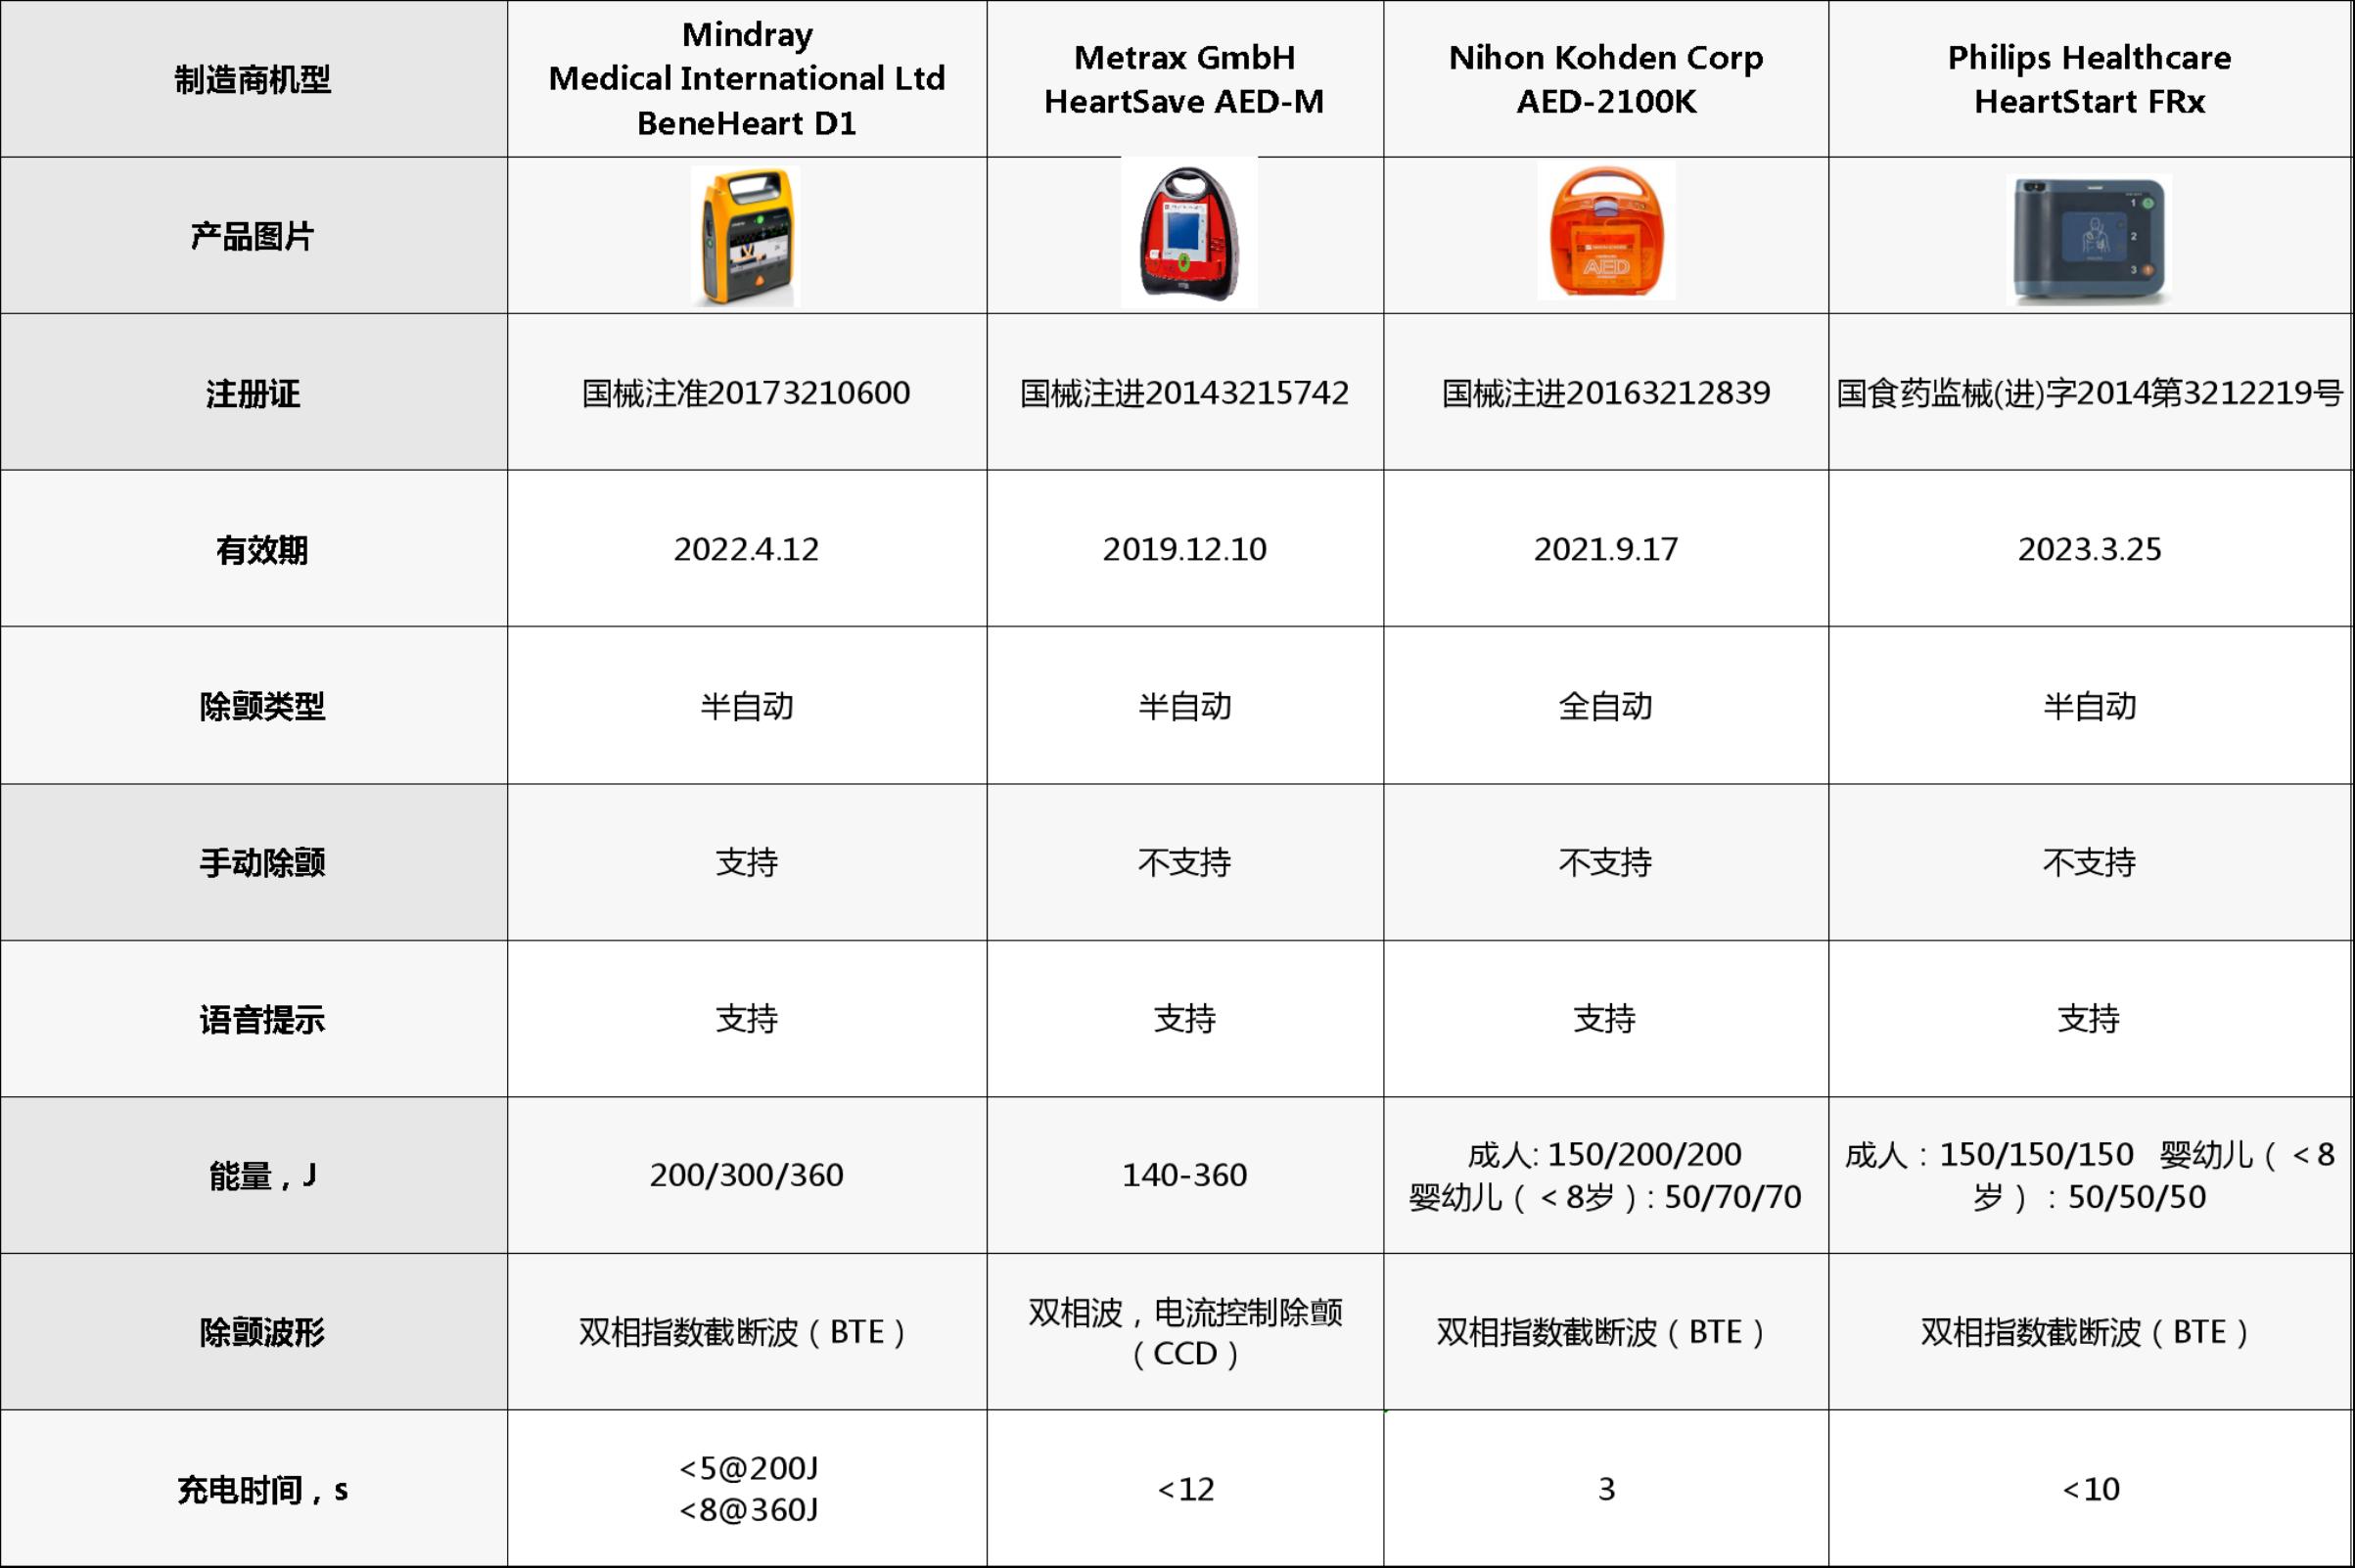 AED除颤仪四大品牌性能参数对照表